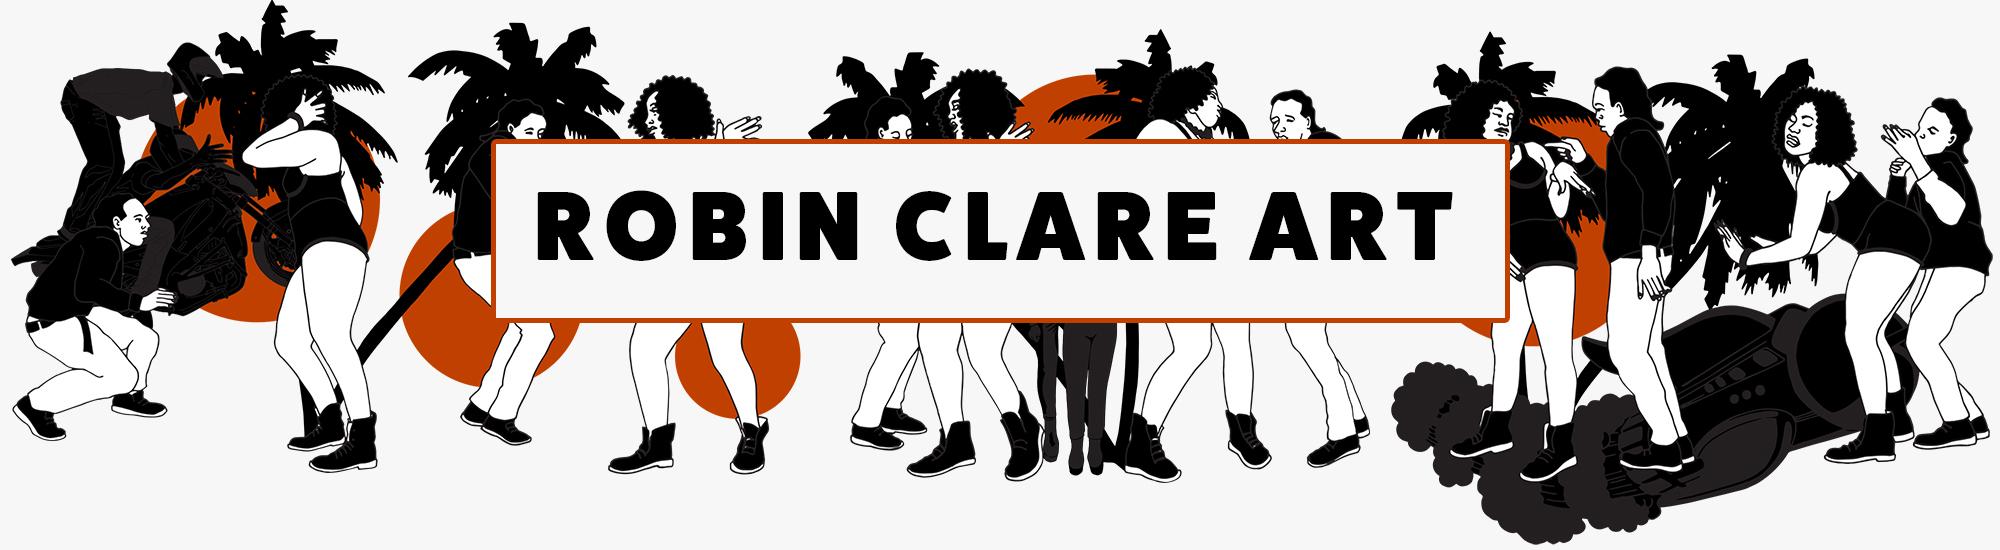 Robin Clare Art Banner